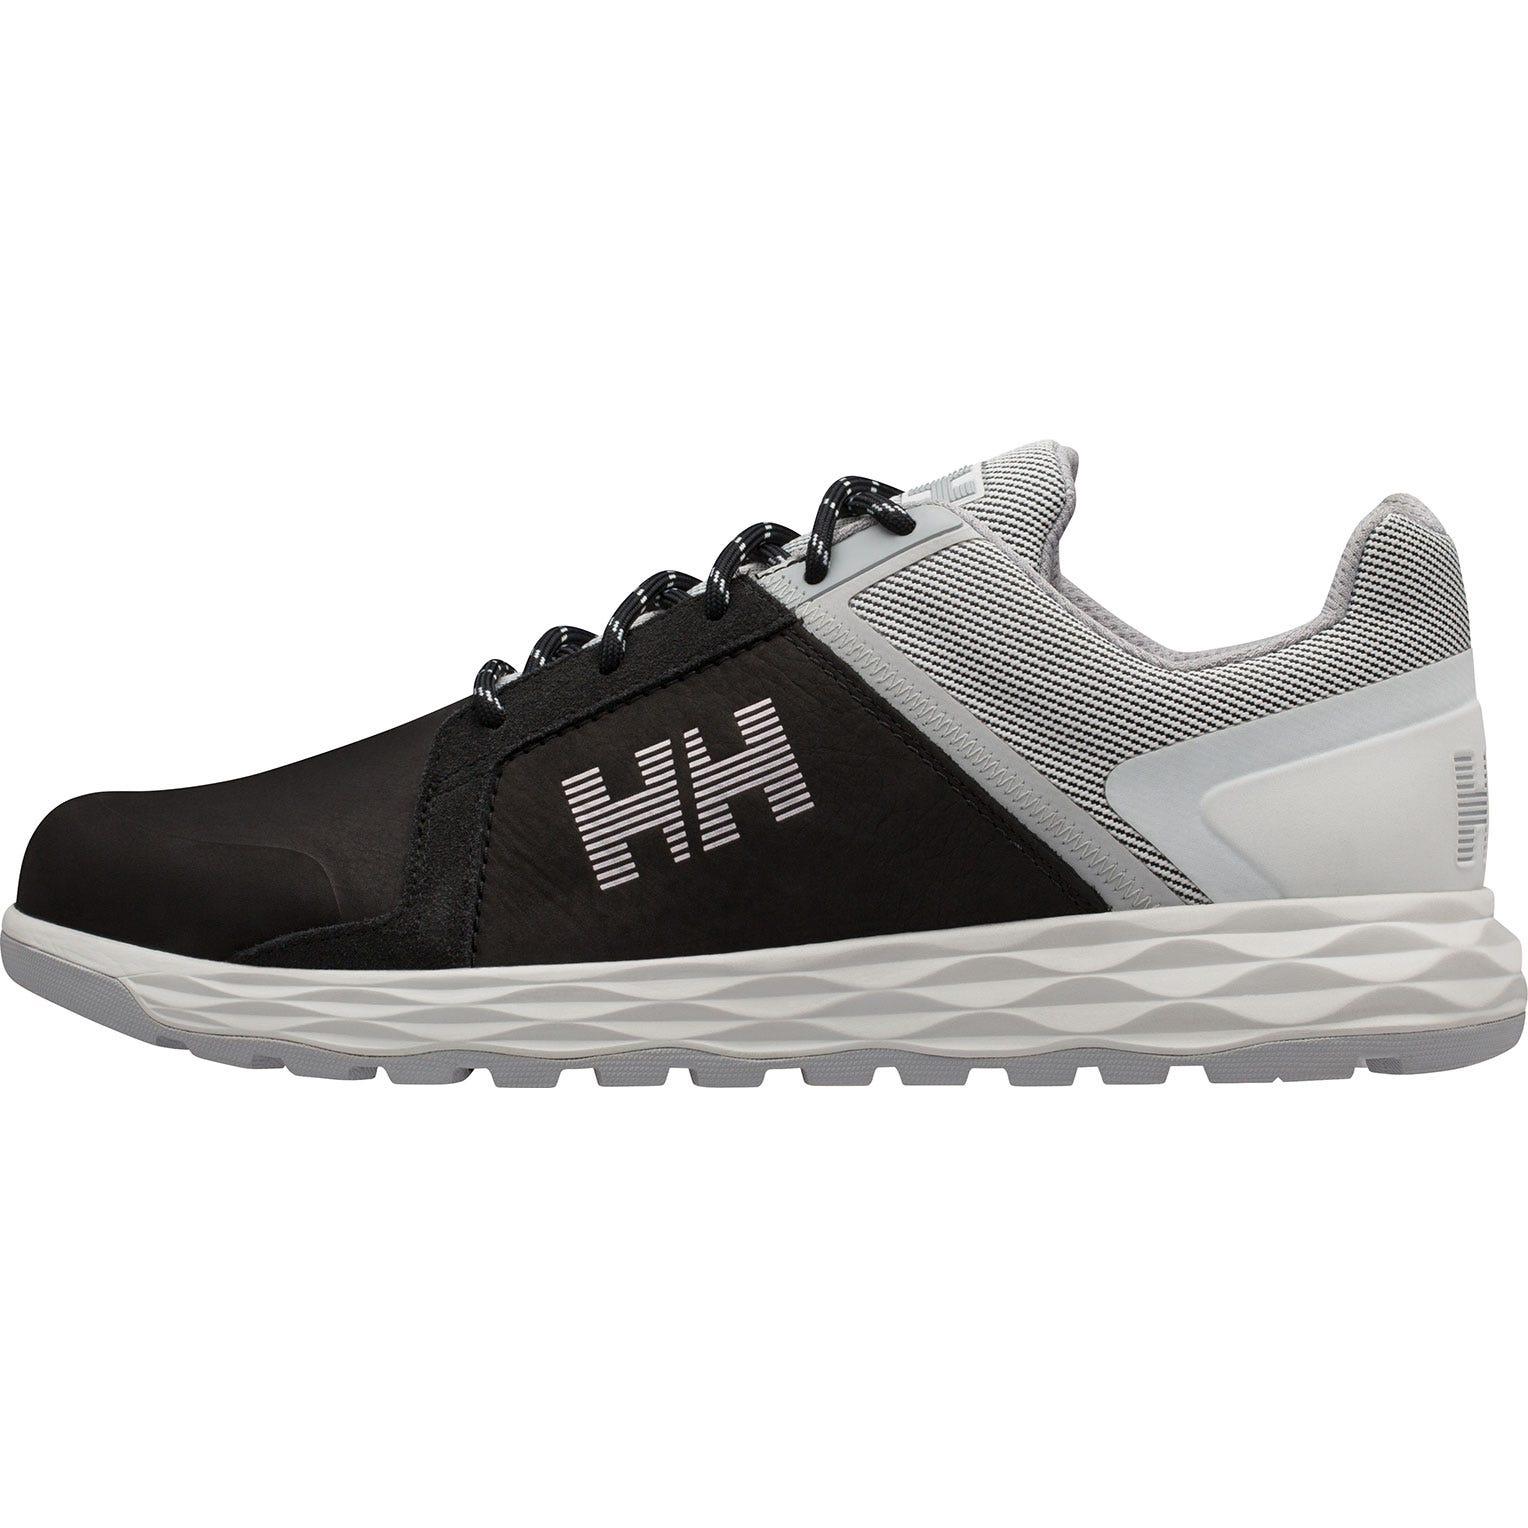 Helly Hansen Gambier Lc Mens Casual Shoe Black 42/8.5